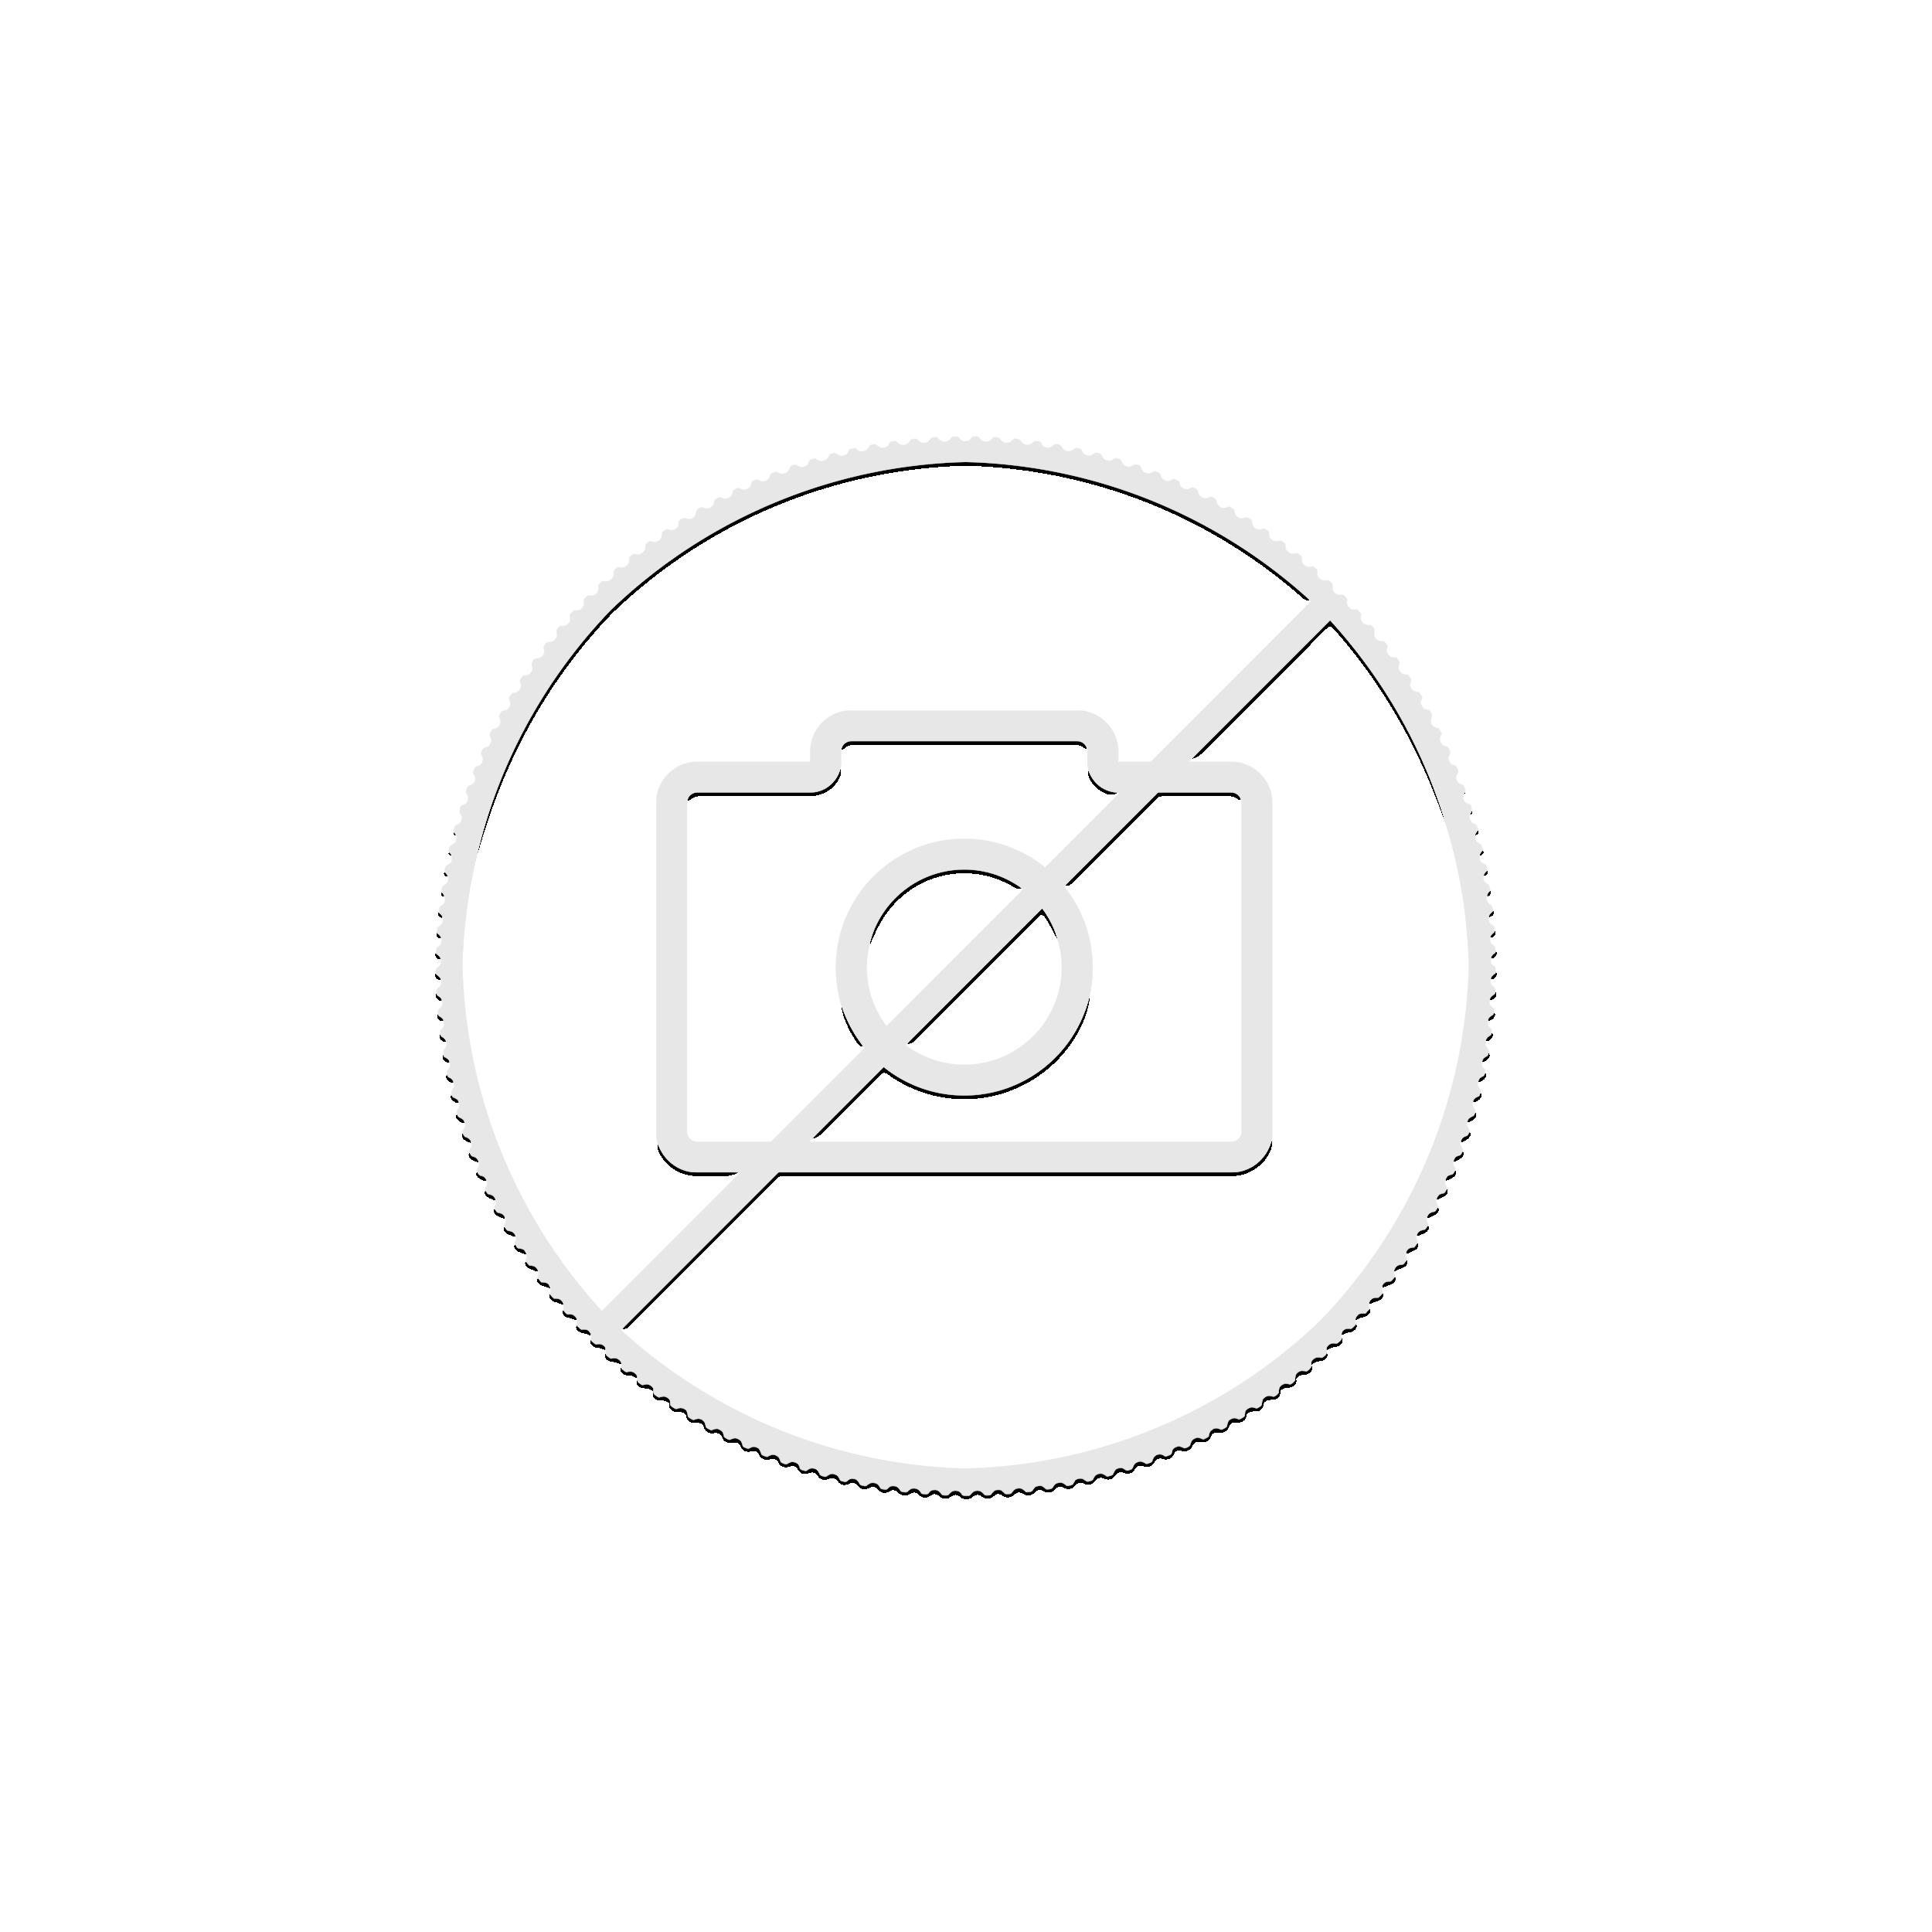 1 troy ounce zilveren munt Happy Birthday 2021 Proof